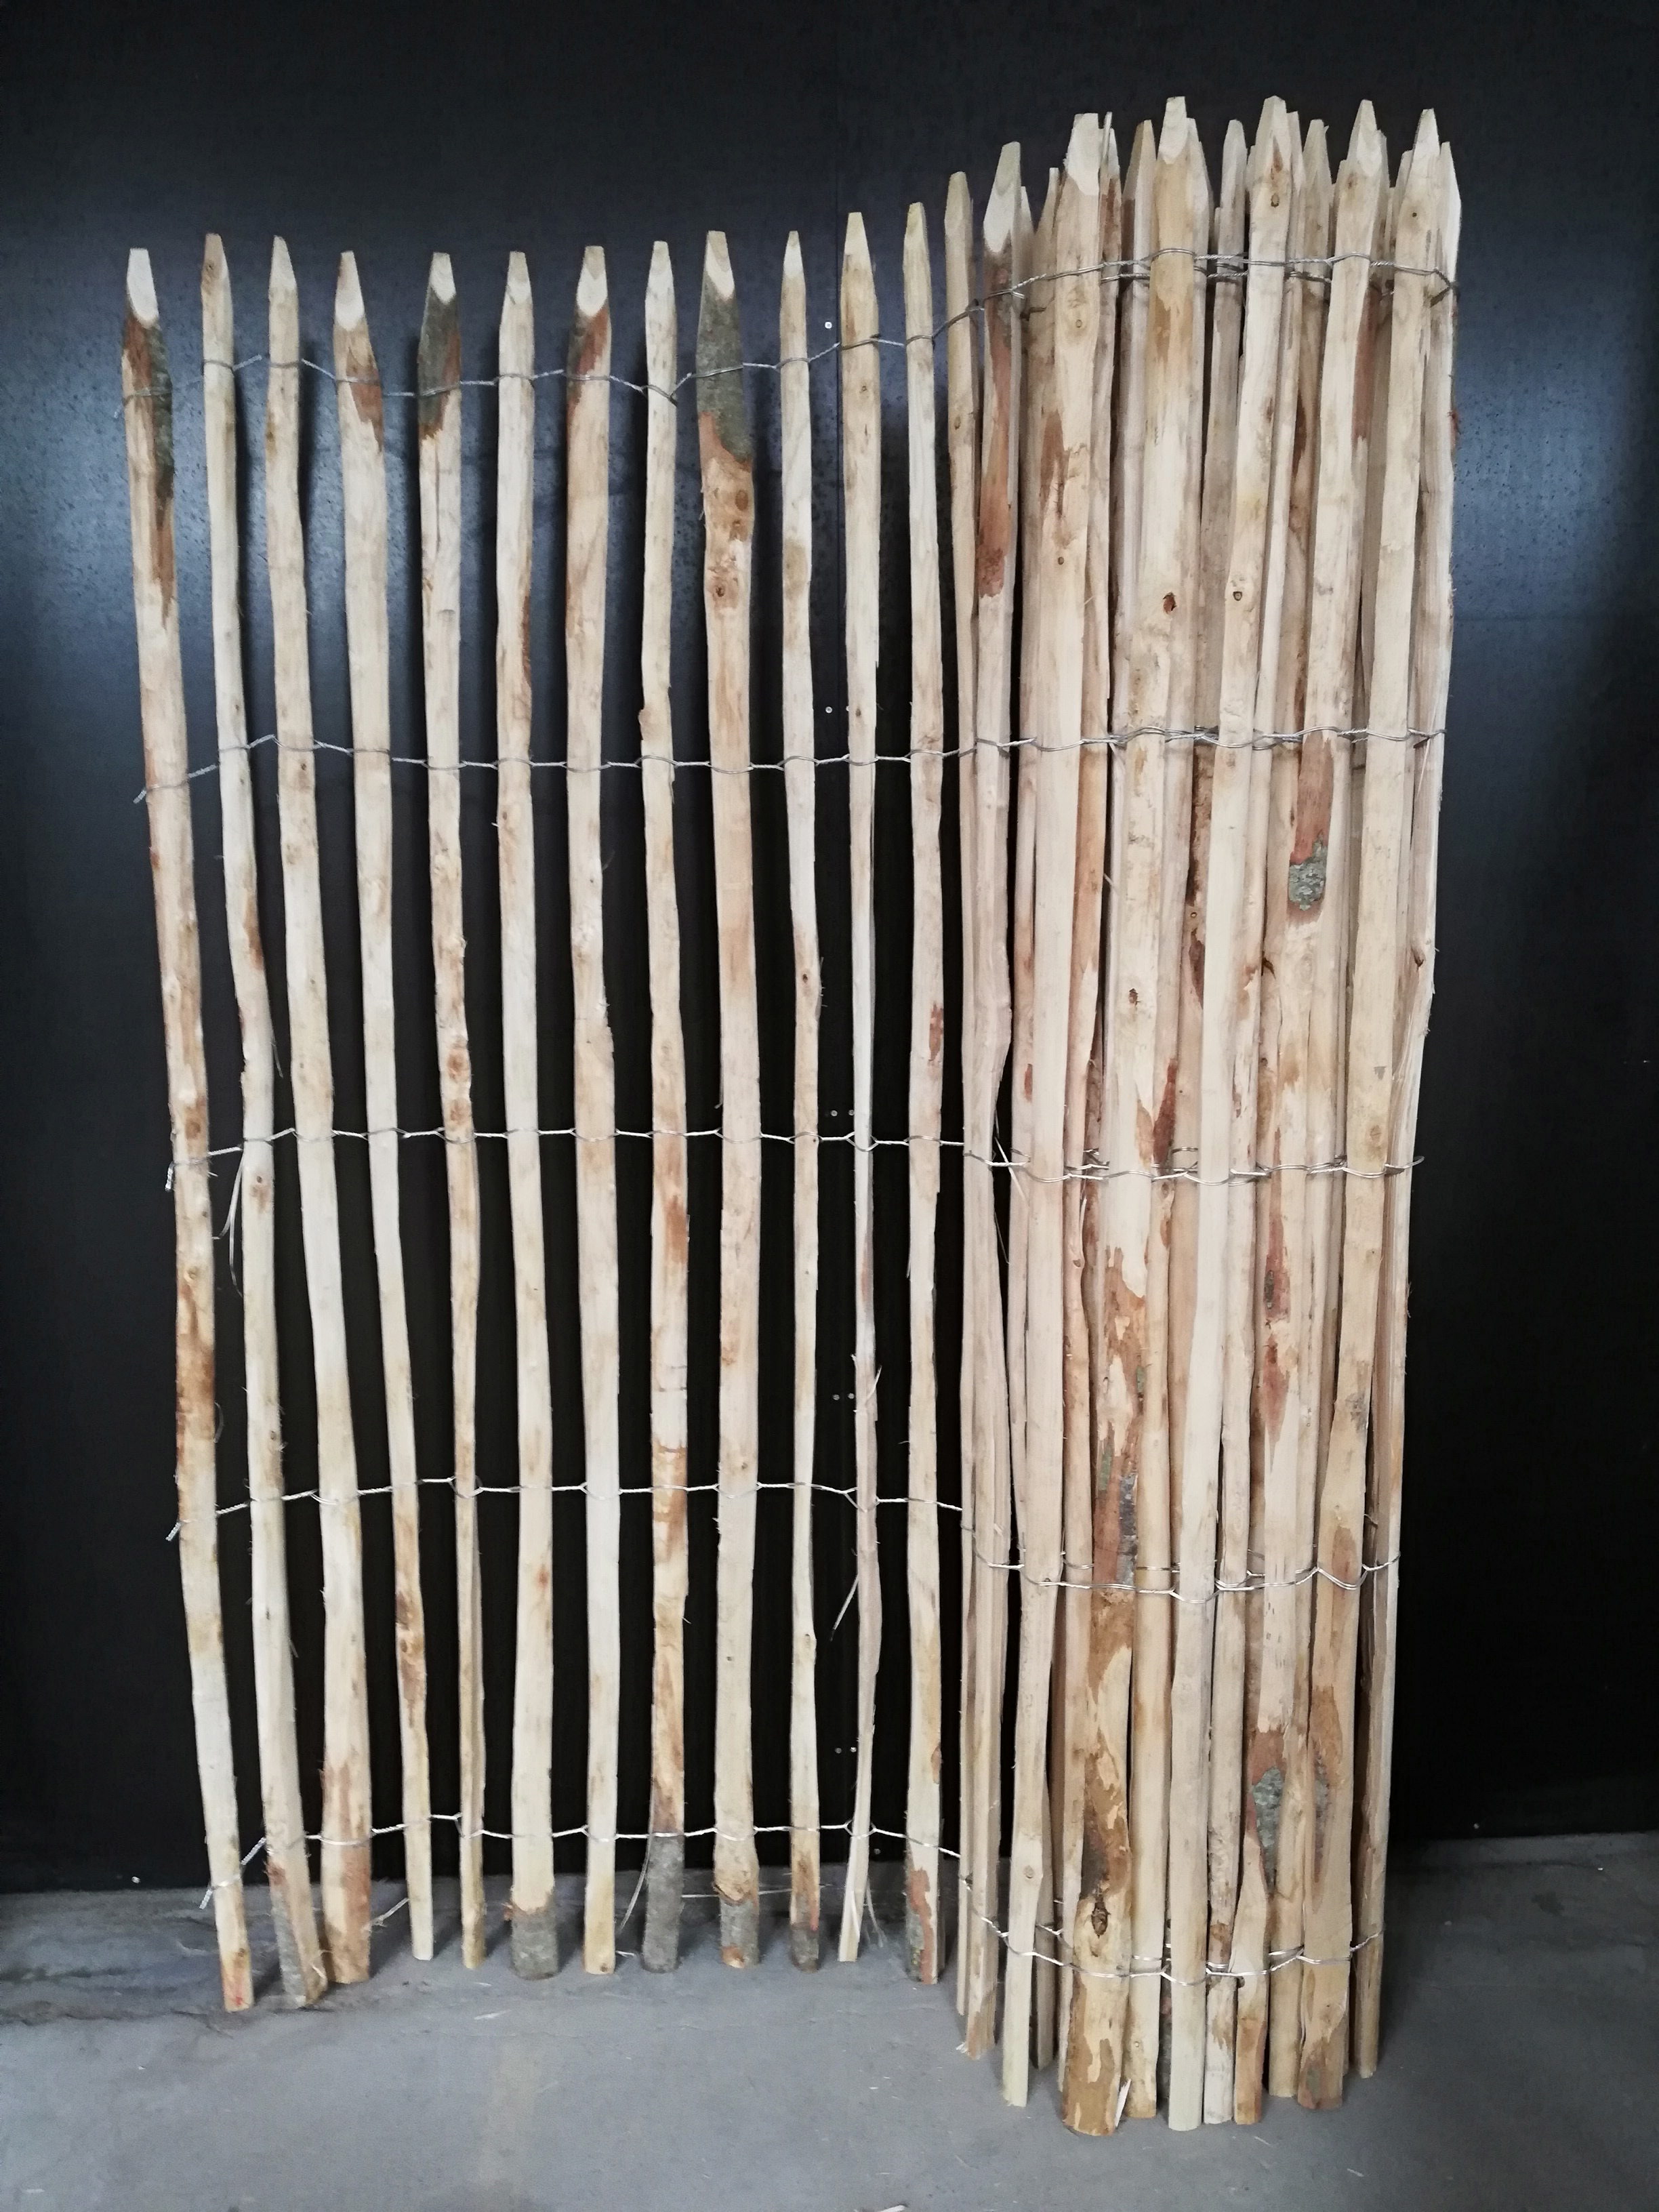 200 cm hoch staketenzaun natur pro kastanie shop. Black Bedroom Furniture Sets. Home Design Ideas